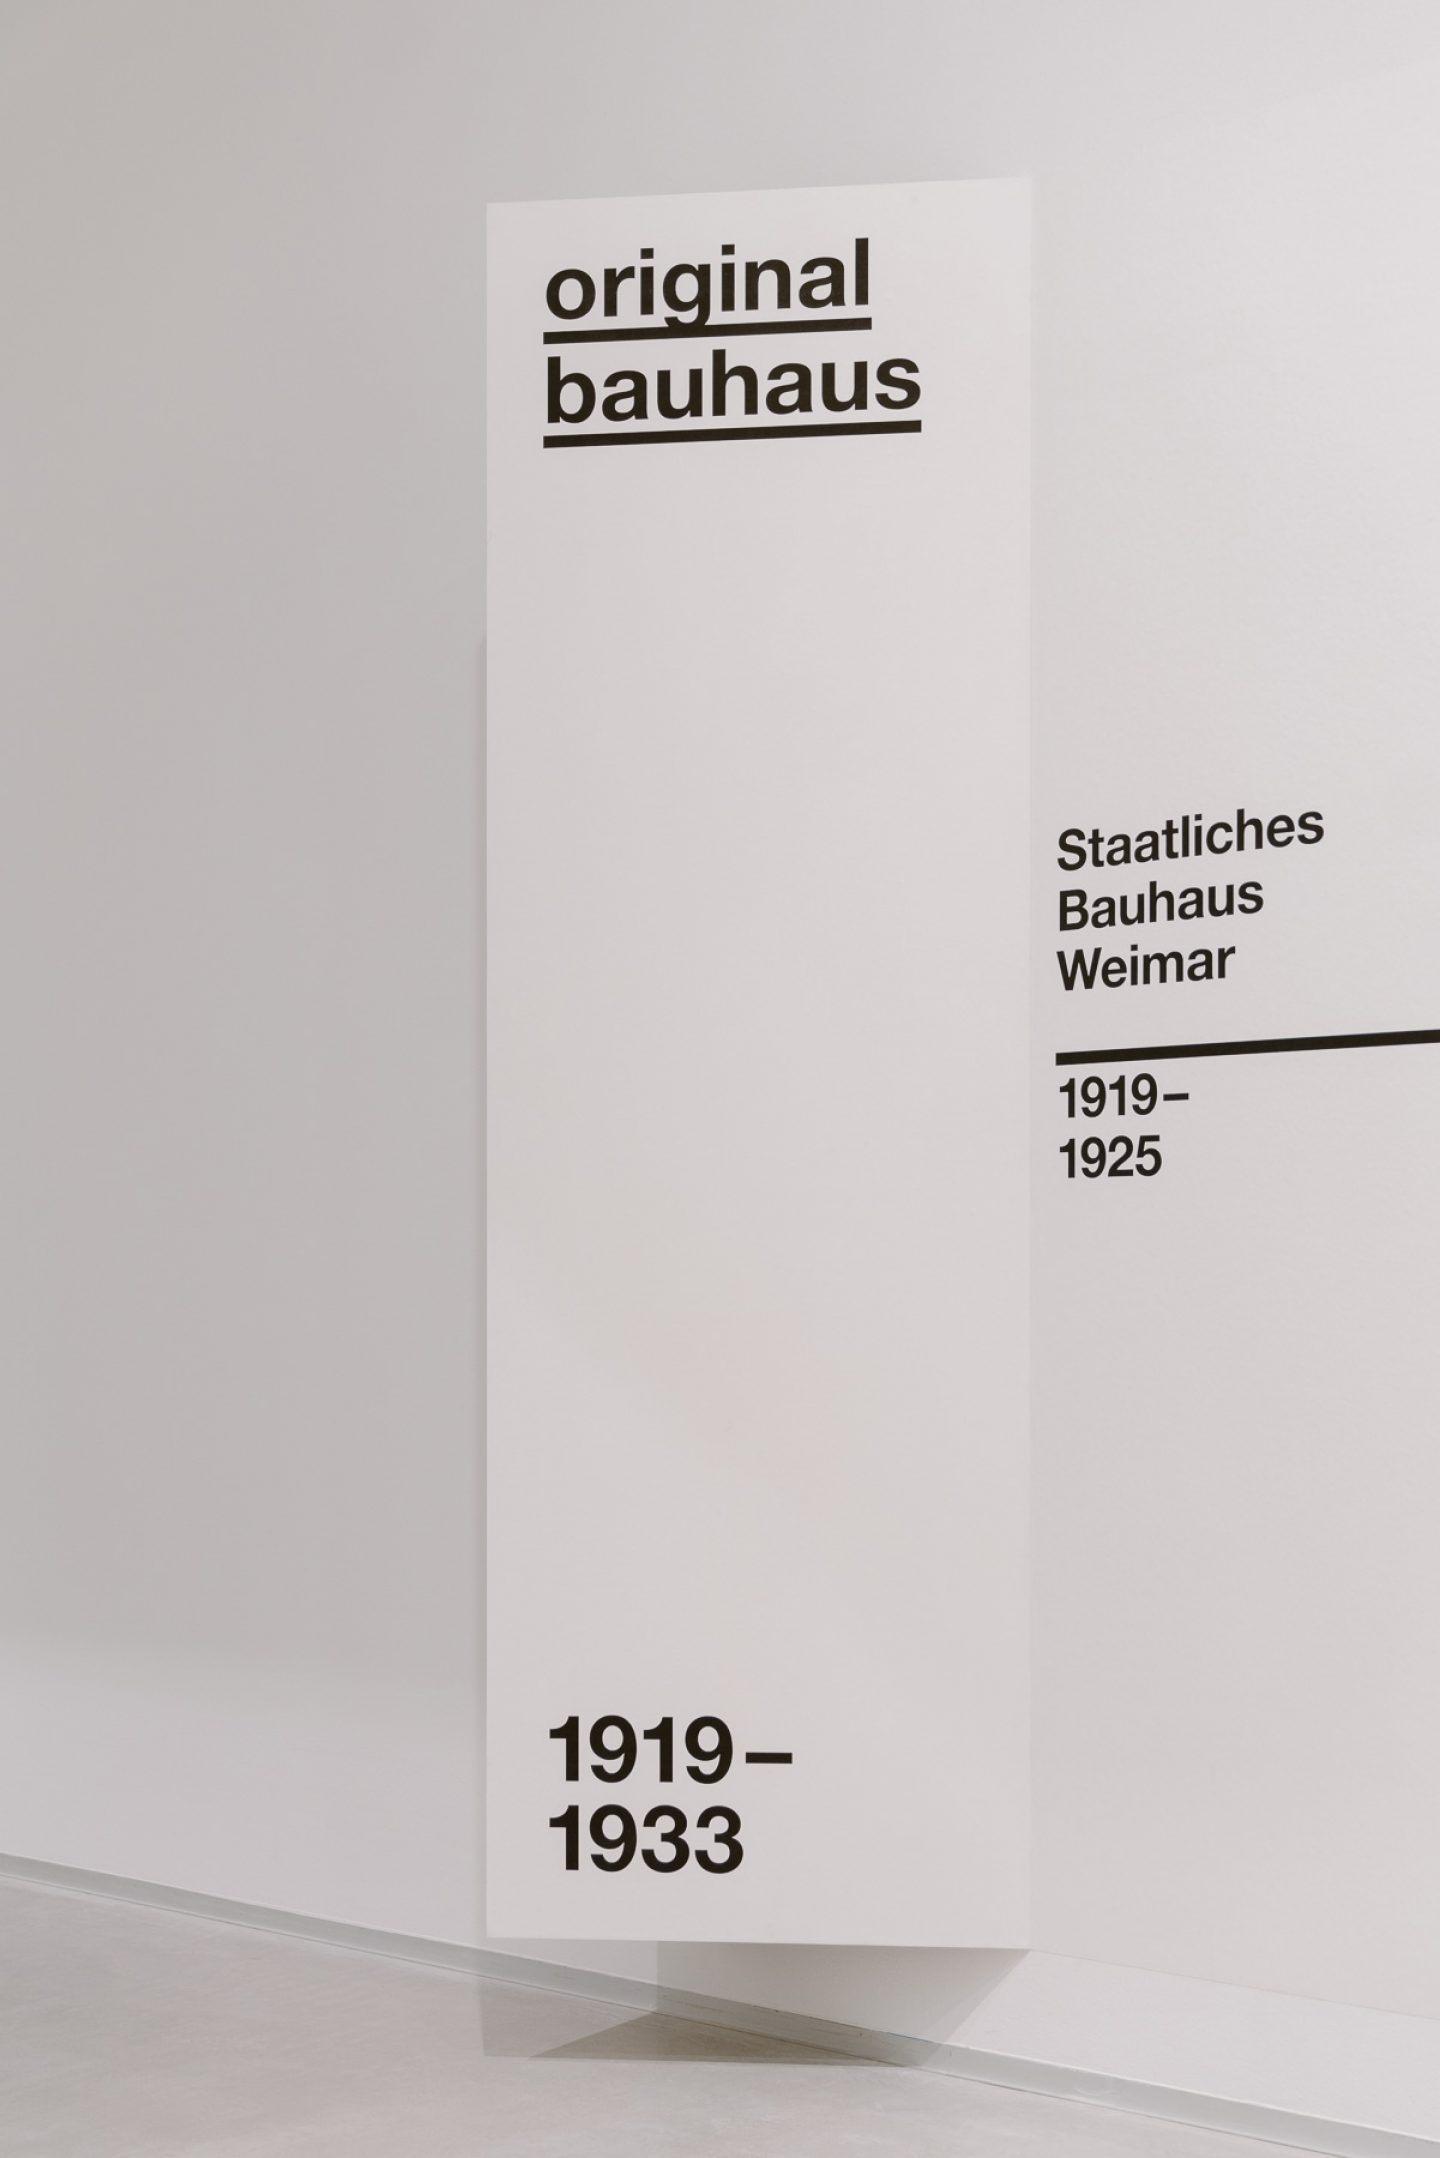 IGNANT-BERLINISCHE-GALERIE-BAUHAUS-19-09-10-0210